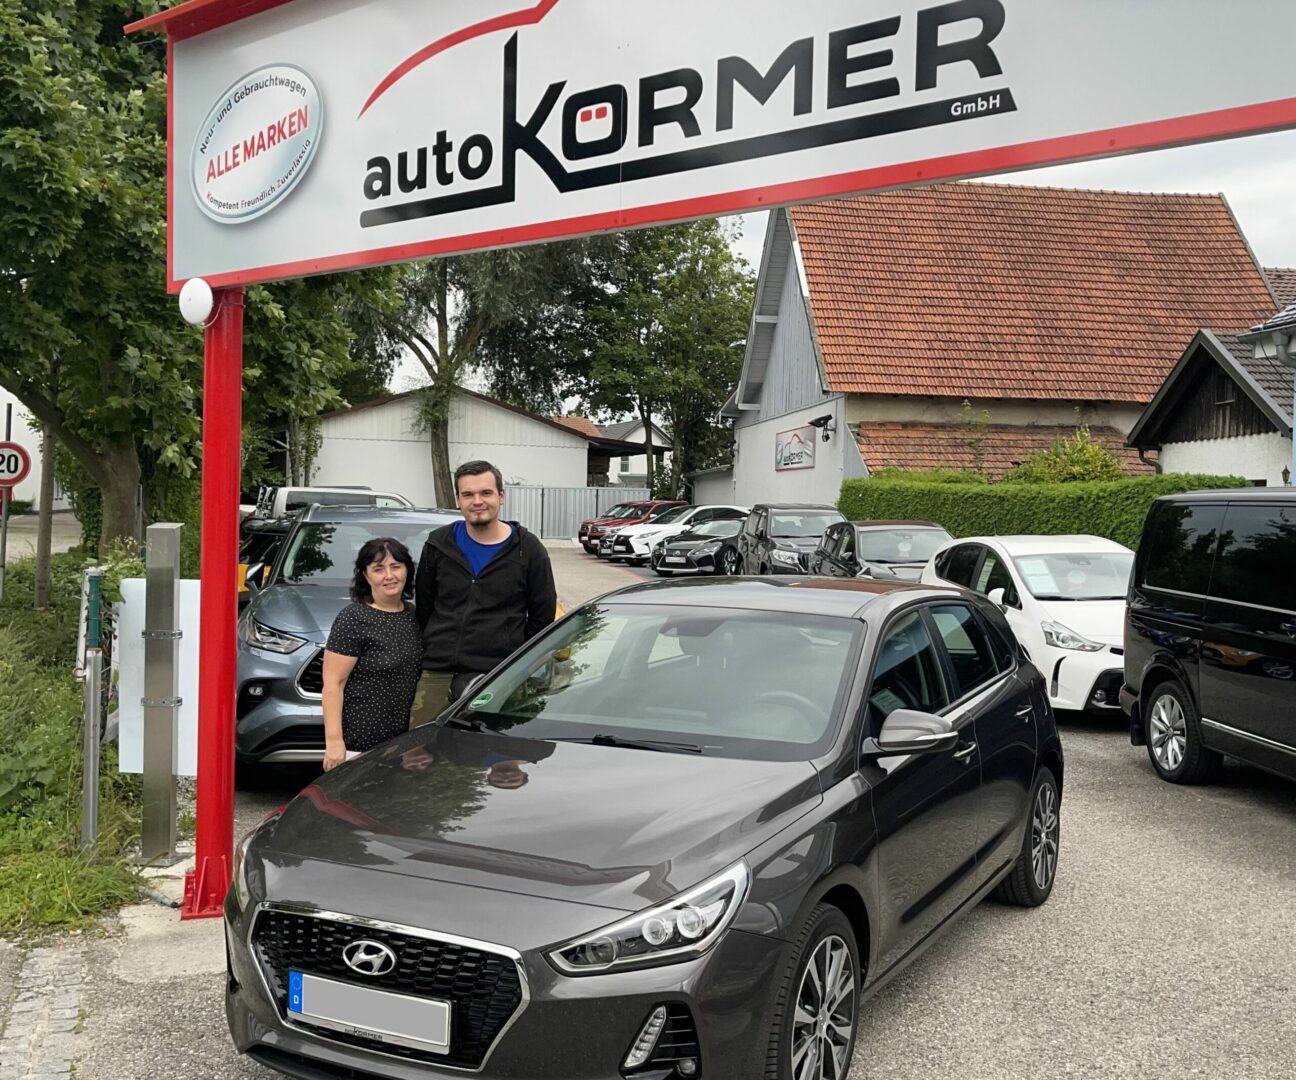 Wir gratulieren Herrn Borger zu seinem neuen Hyundai i30.